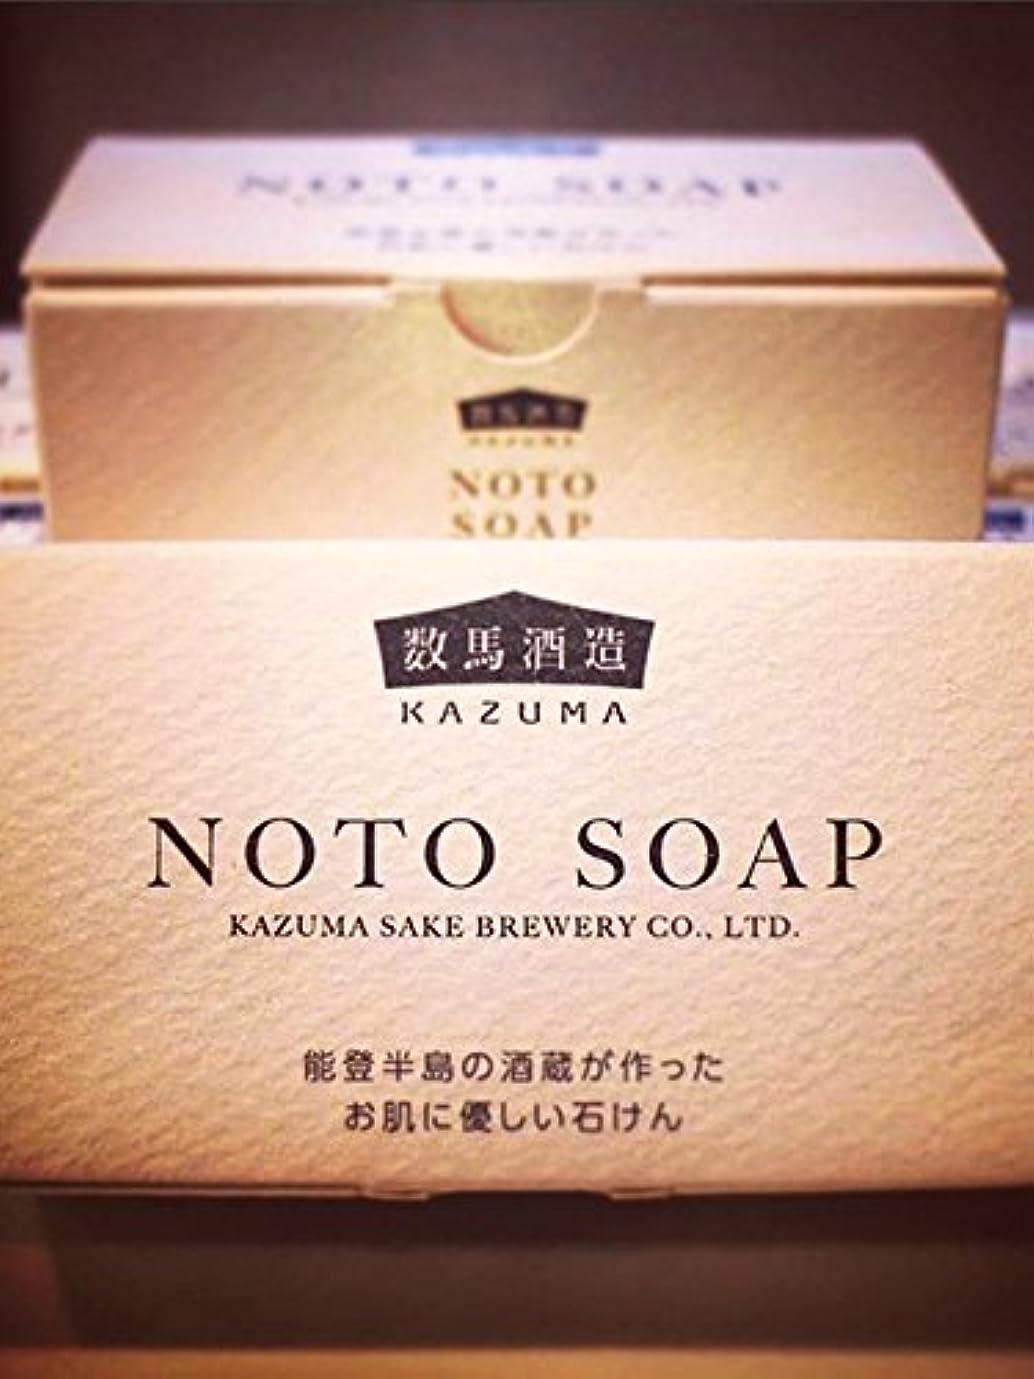 仮定する口述高潔な竹葉 NOTO SOAP 酒粕石鹸 1個80g